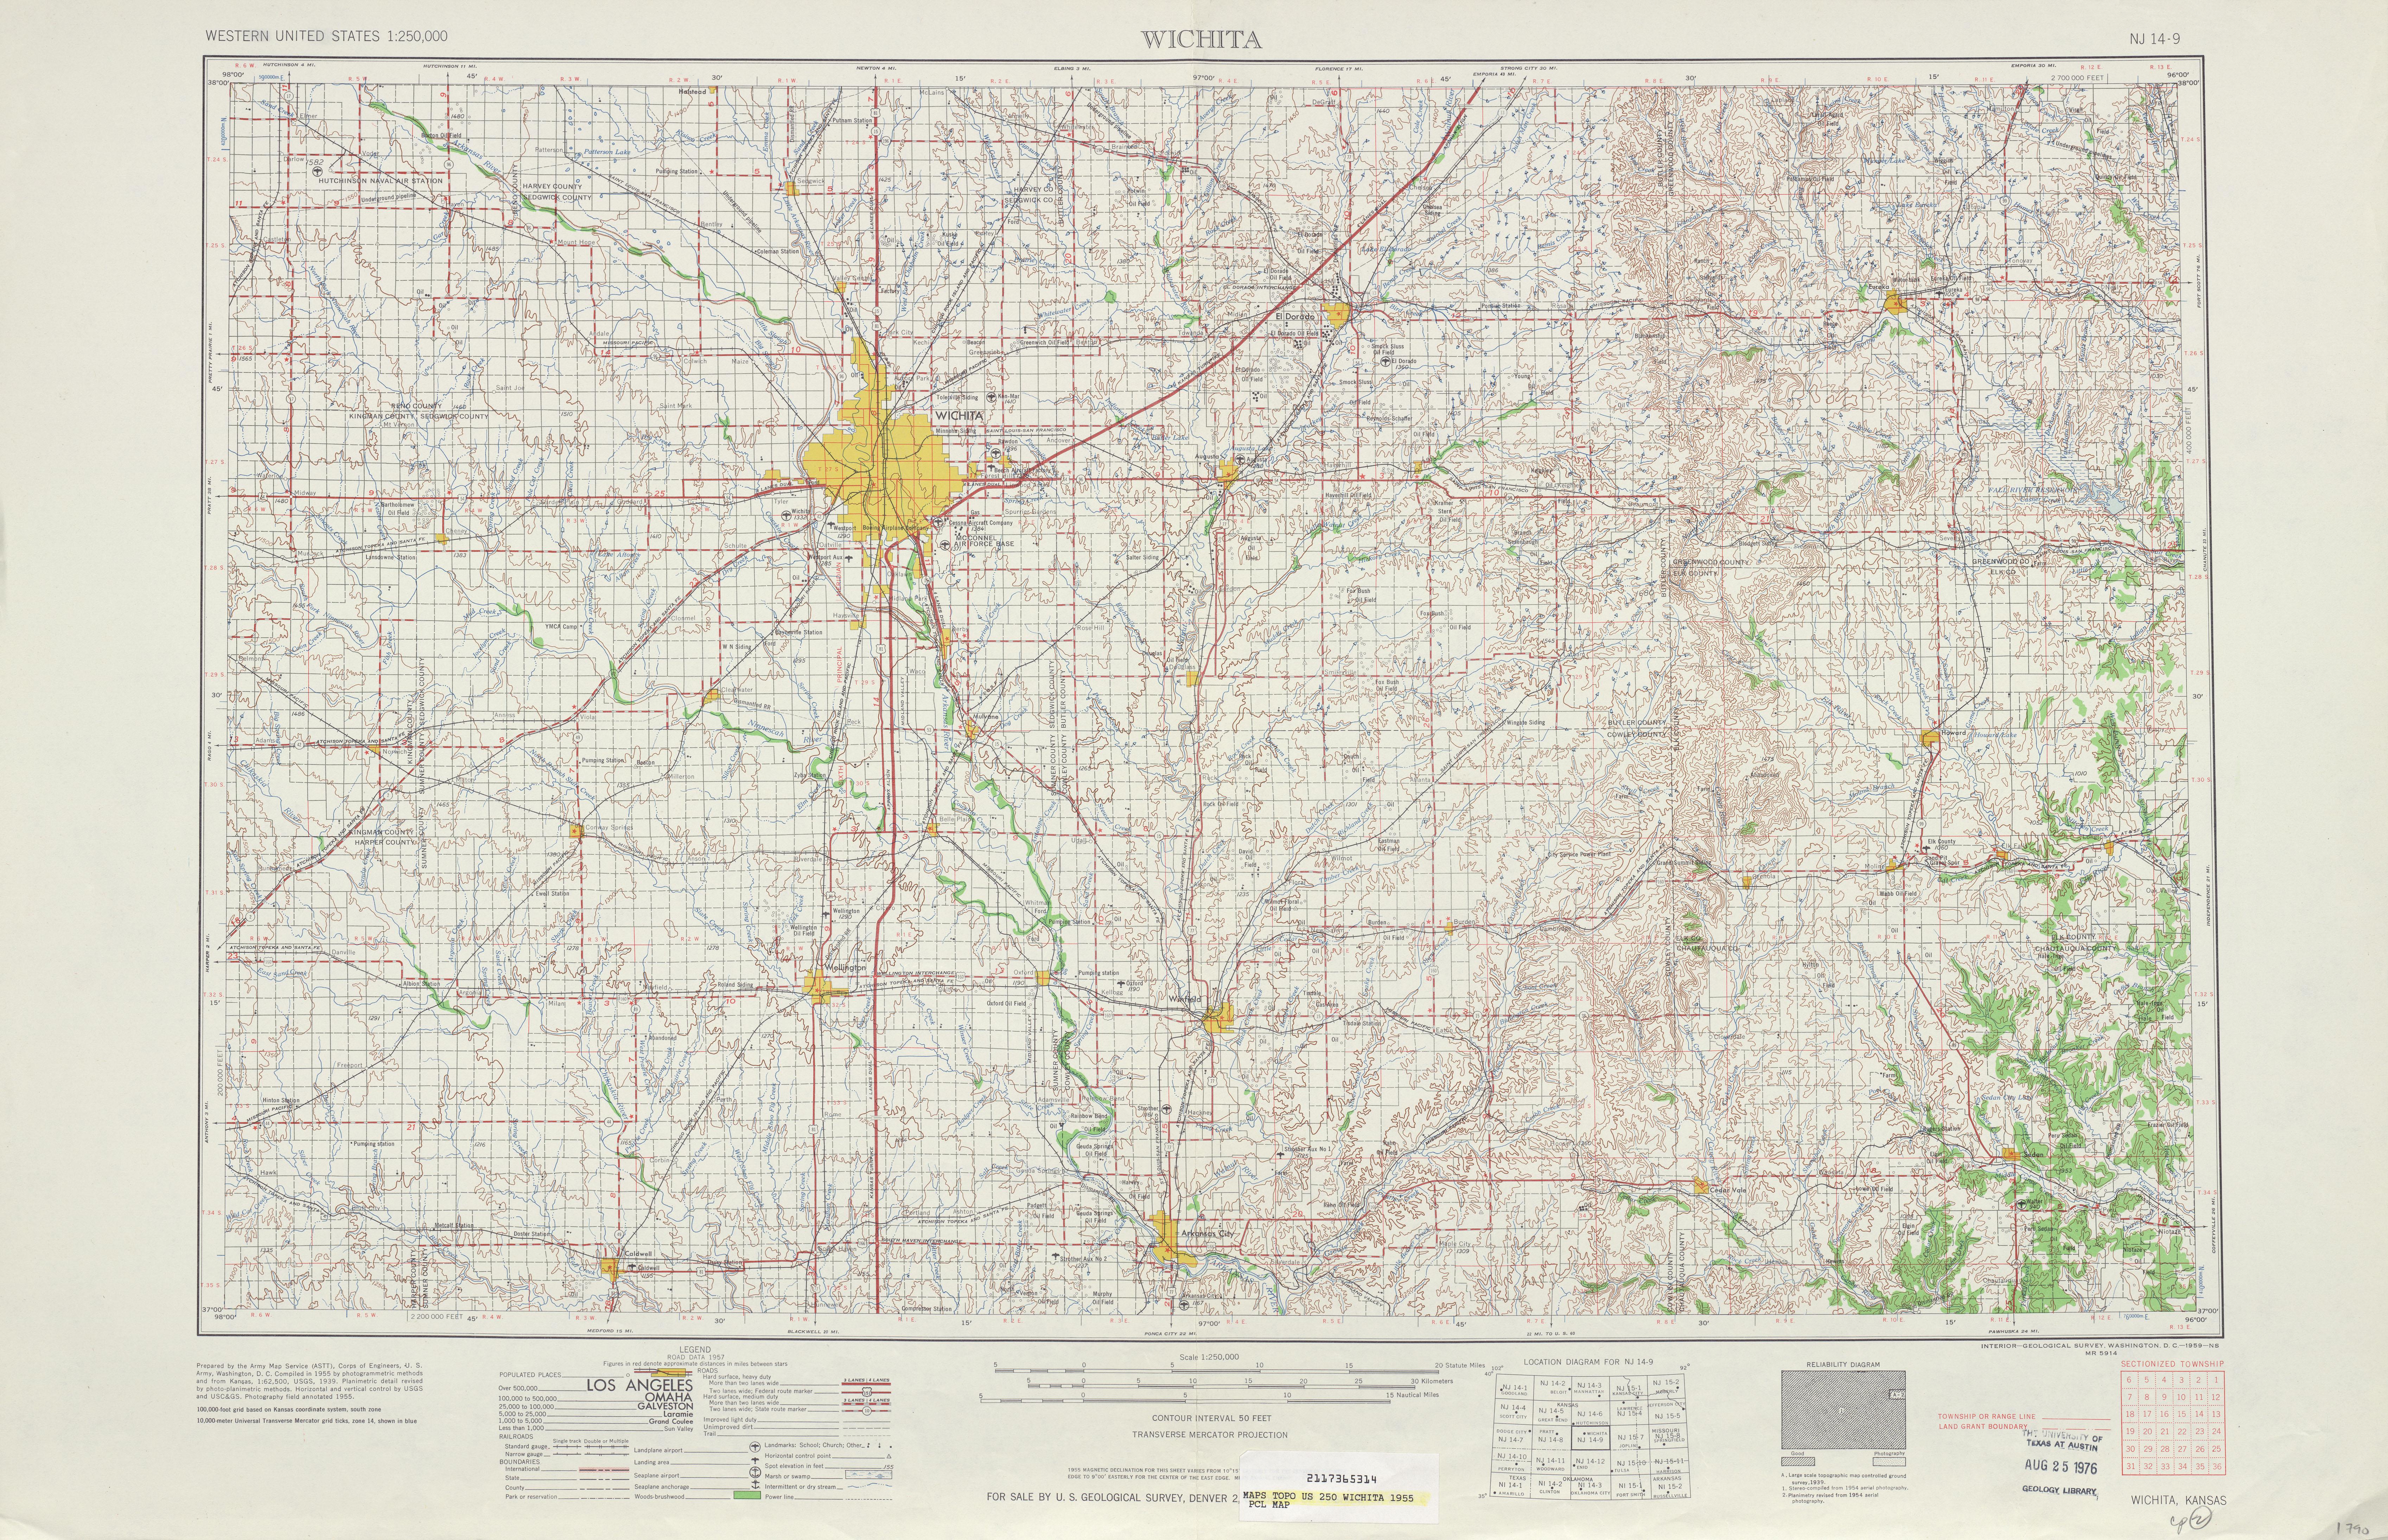 Hoja Wichita del Mapa Topográfico de los Estados Unidos 1955